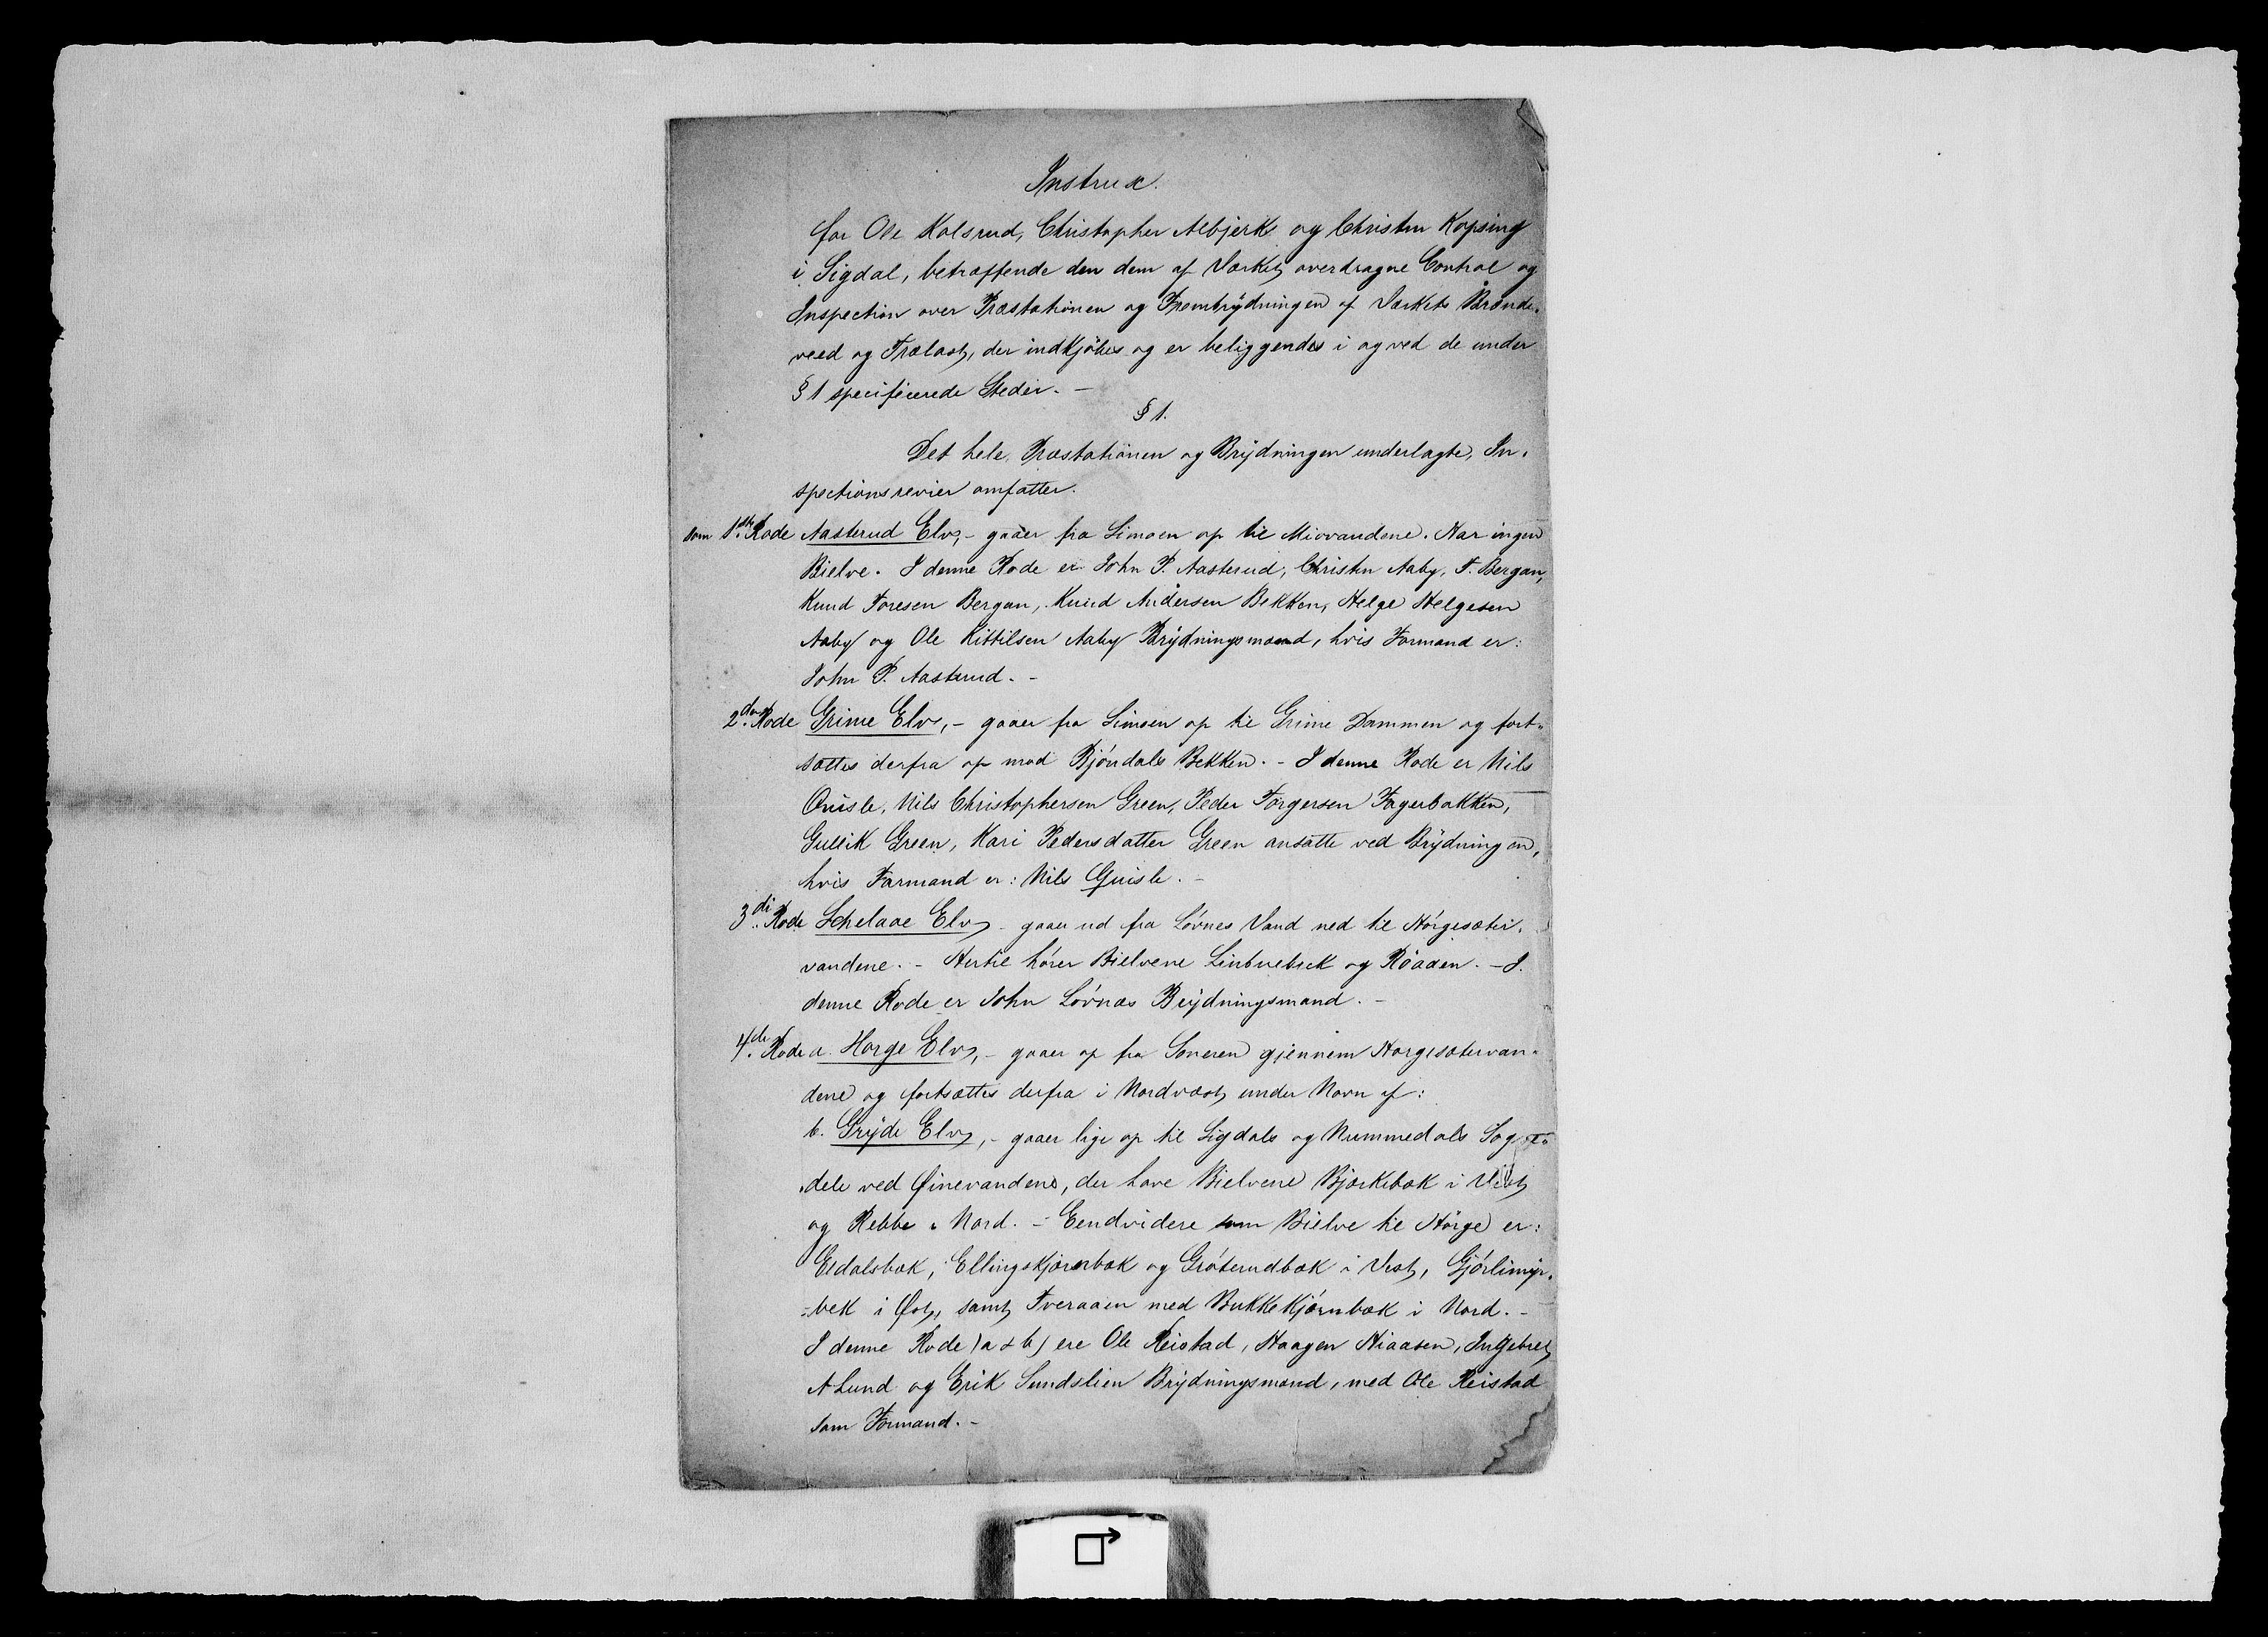 RA, Modums Blaafarveværk, G/Ge/L0367, 1791-1854, s. 2